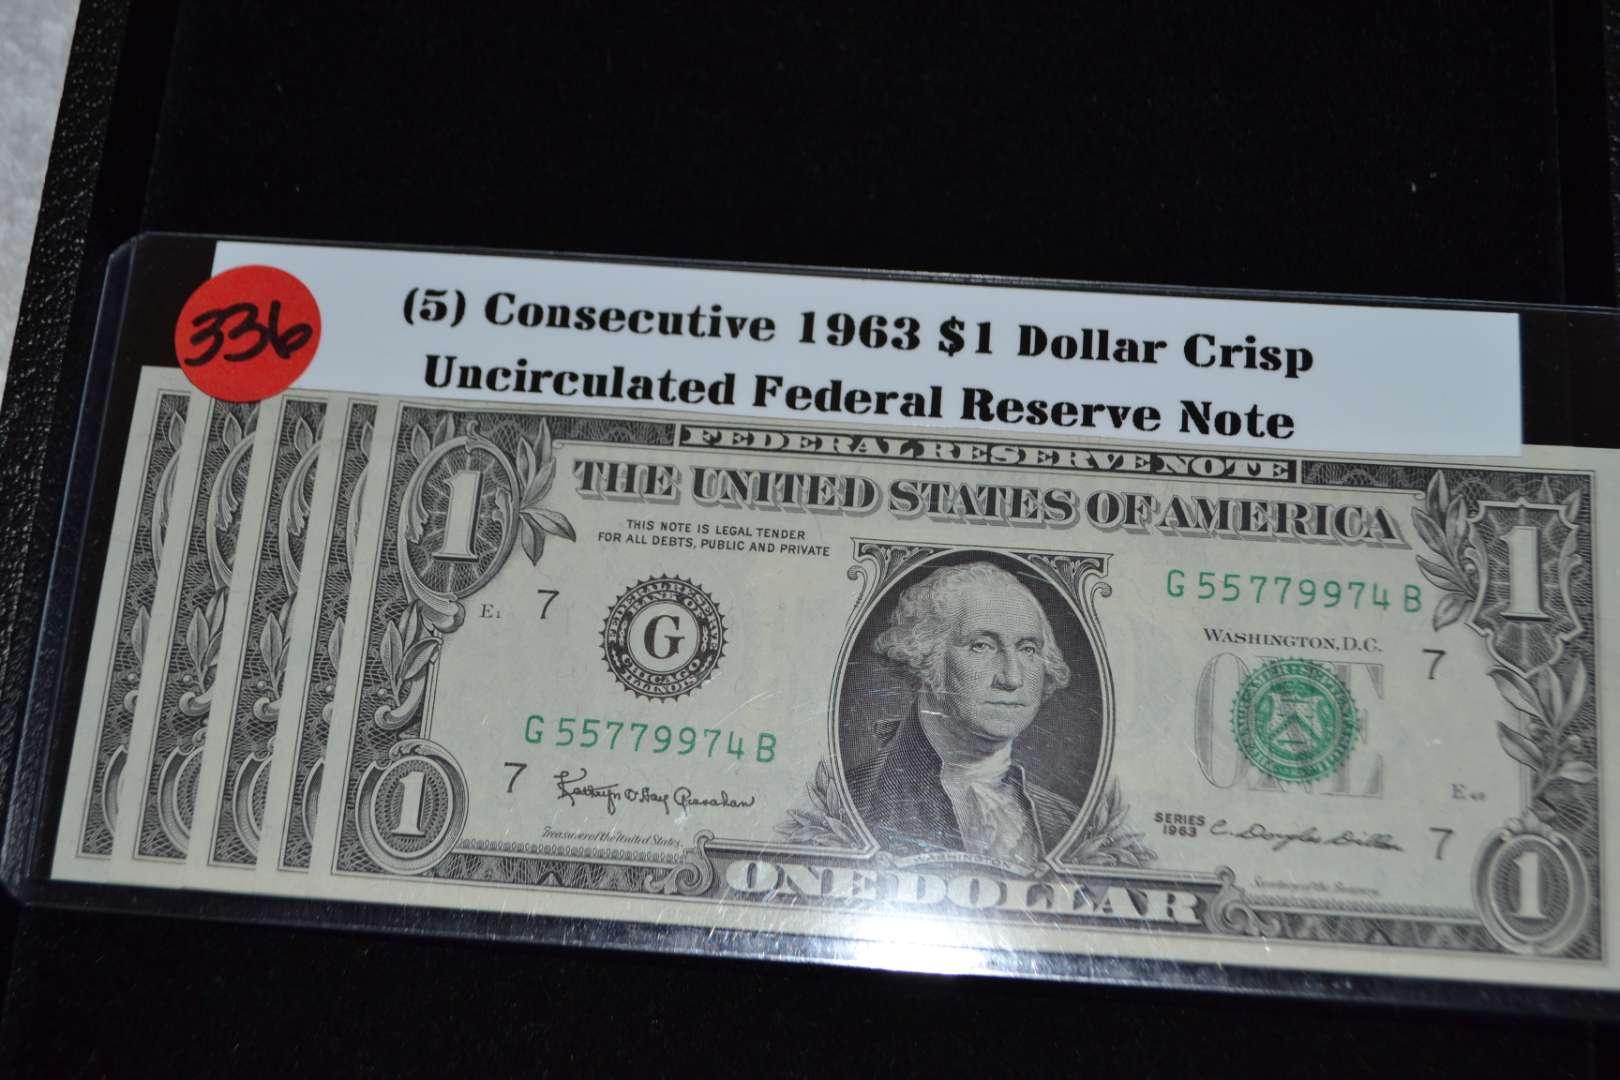 Lot # 336 FIVE CONSECUTIVE 1963 $1 CRISP UNC FEDERAL RESERVE NOTES